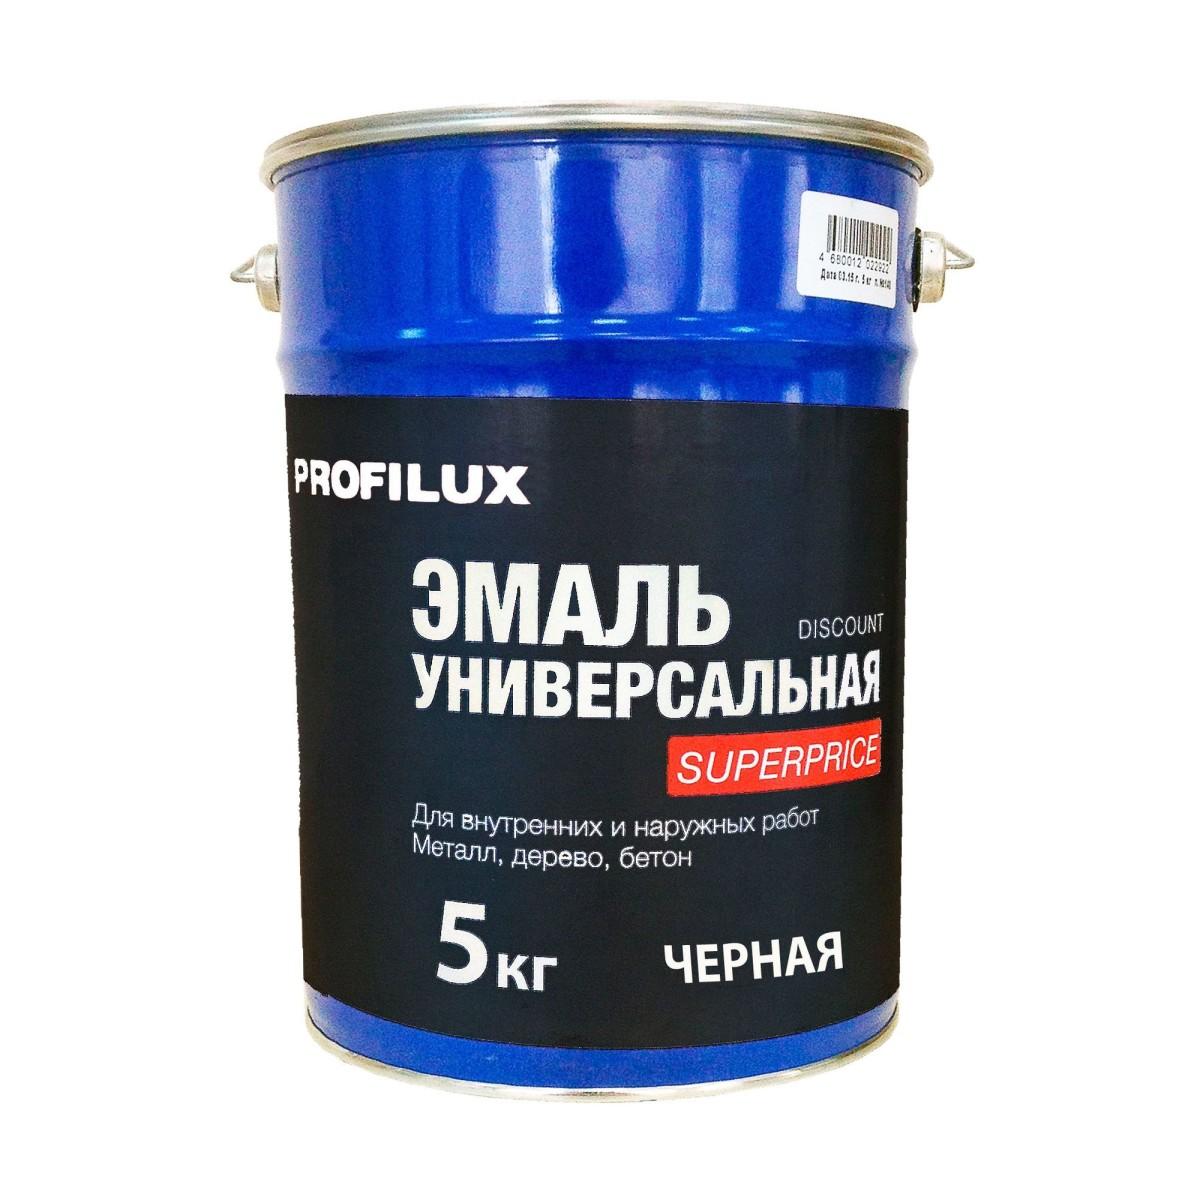 Профилюкс Эмаль Superprice цвет черный 5 кг